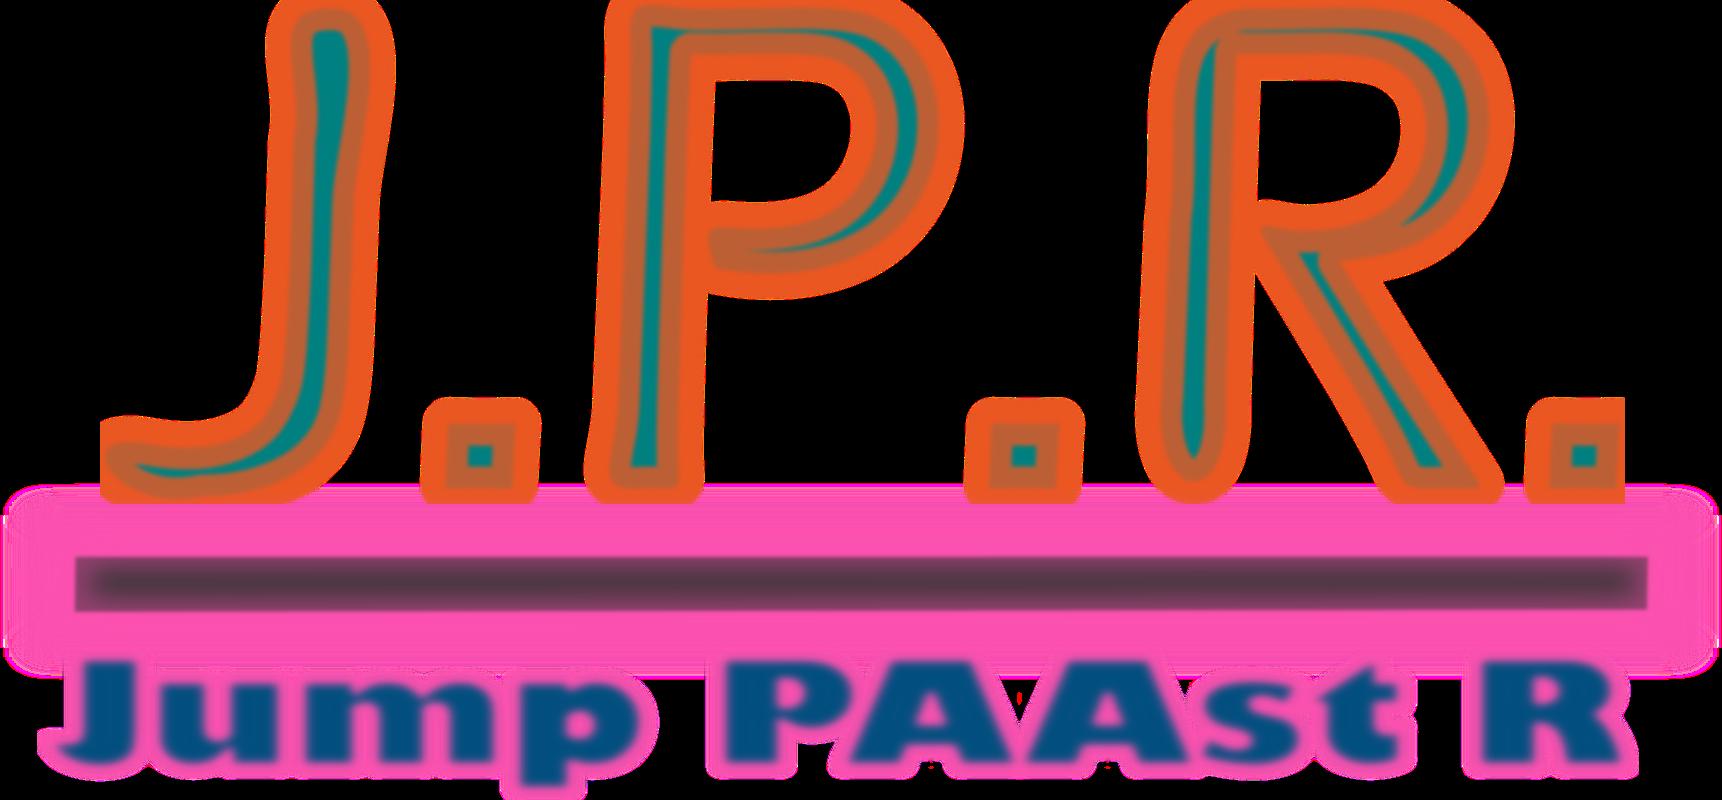 J.P.R.